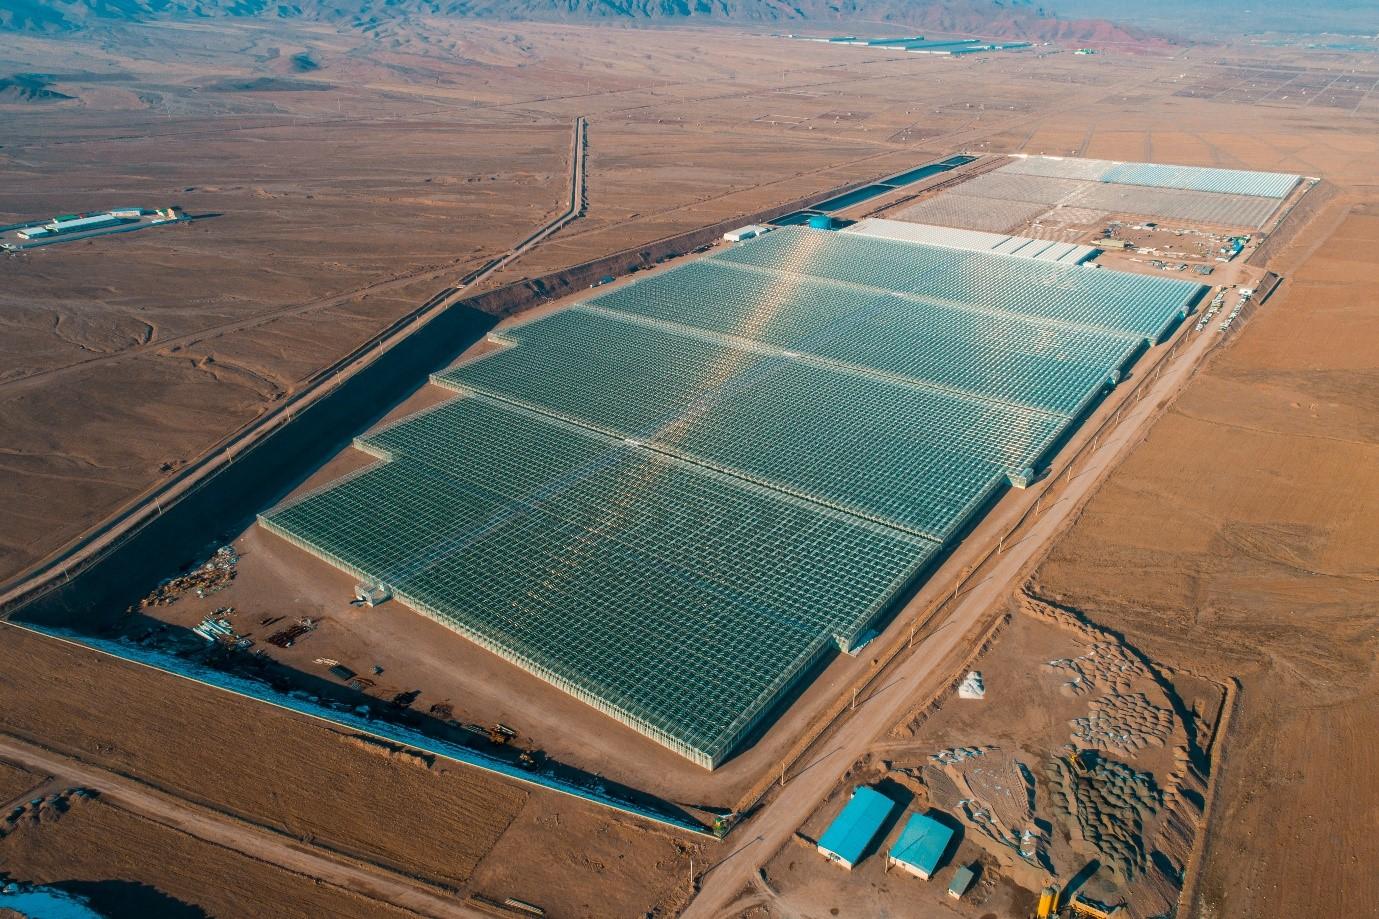 اهمیت گلخانه شیشه ای در حفظ محیط زیست و کاهش مصرف آب در کشاورزی